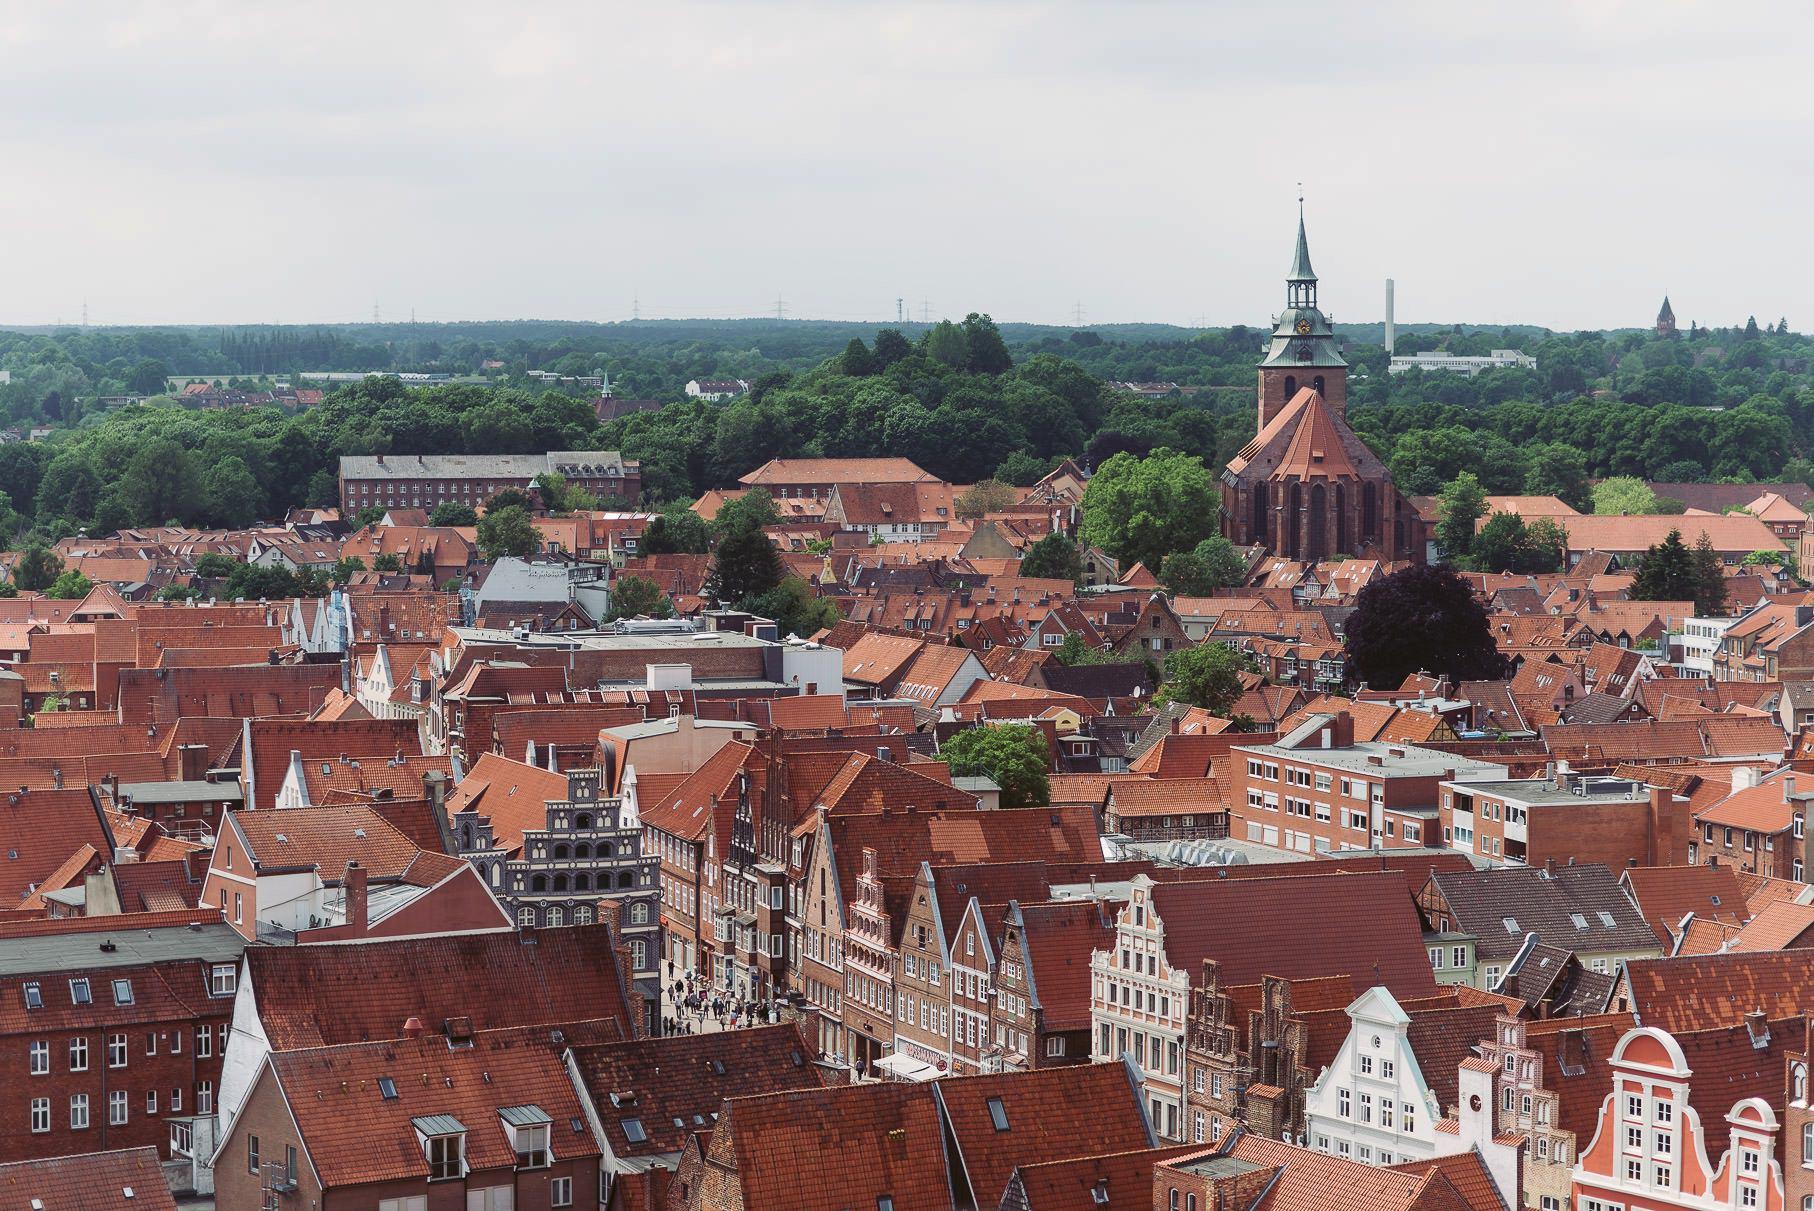 0036 jus 811 9722 - Hochzeit im Wasserturm Lüneburg - Jenny & Sascha